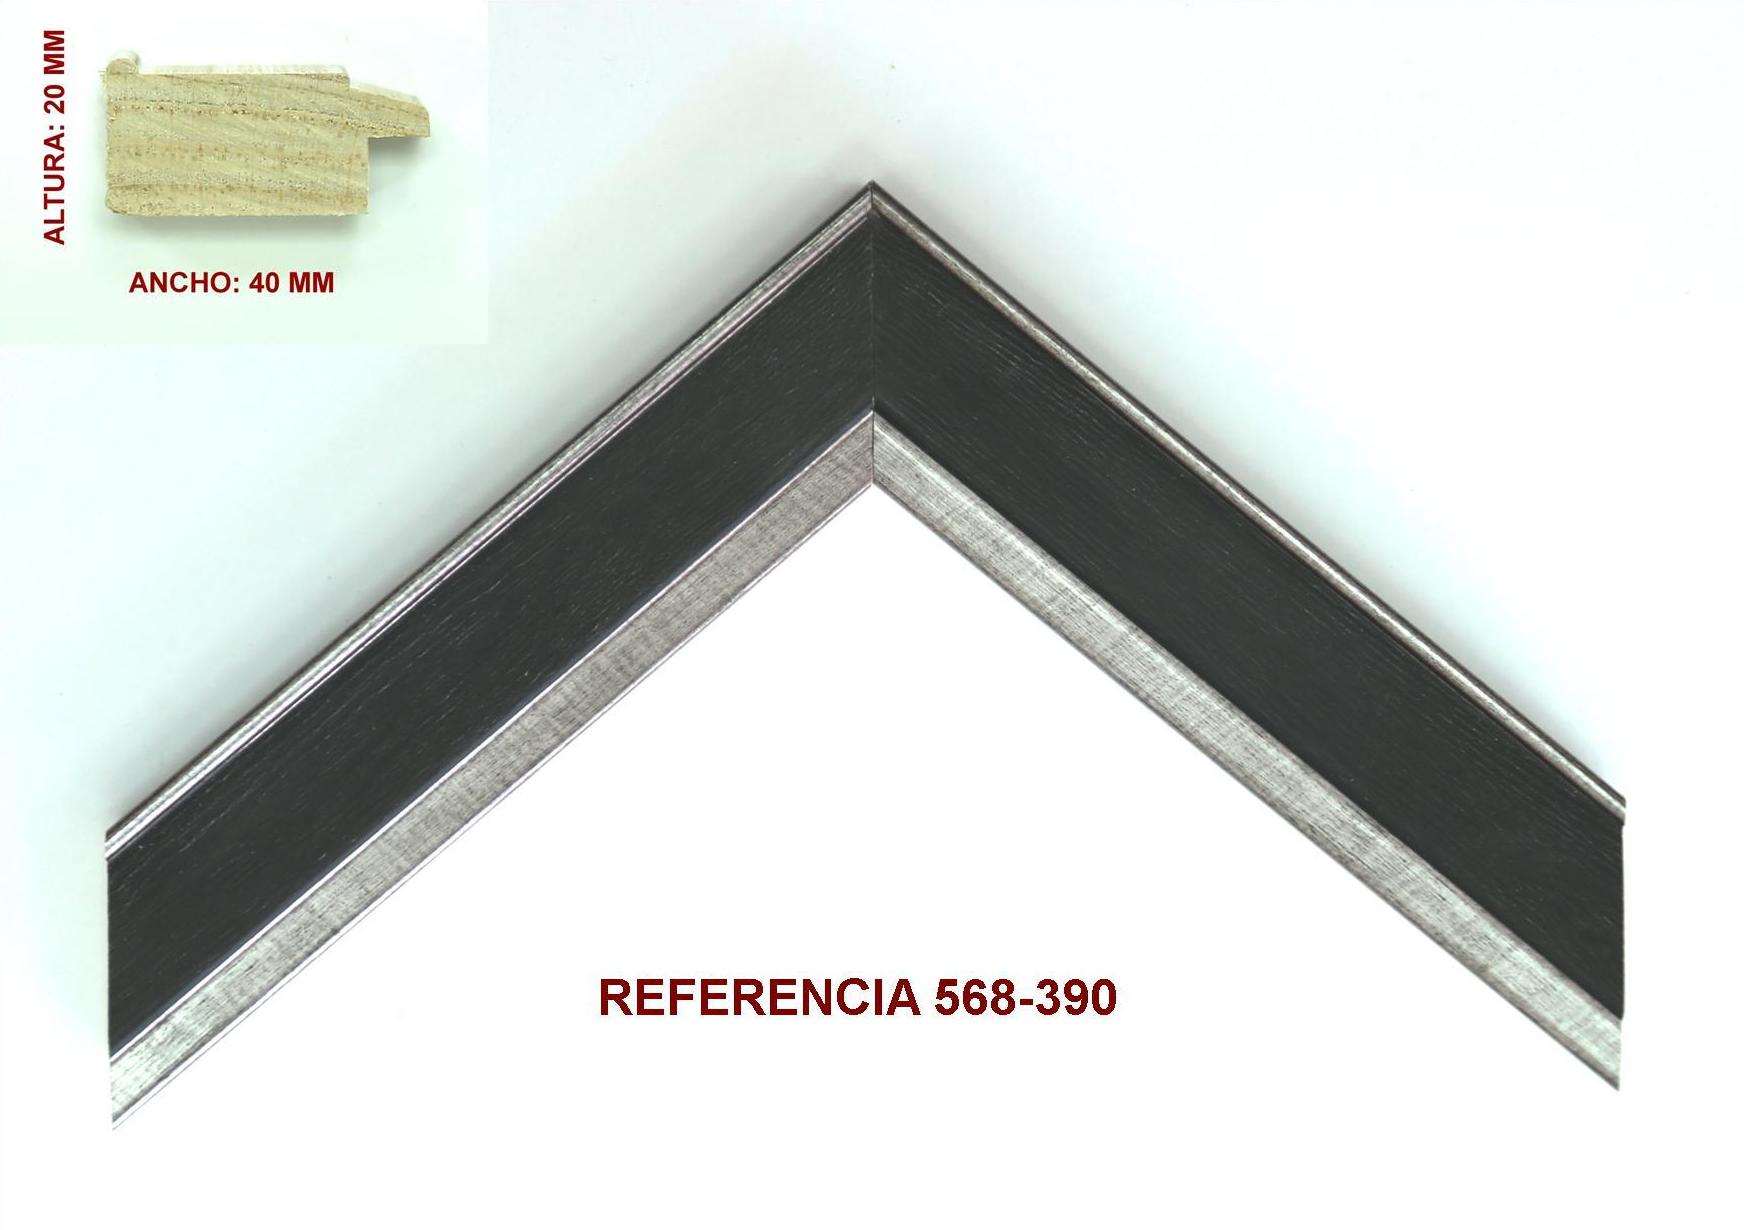 REF 568-390: Muestrario de Moldusevilla